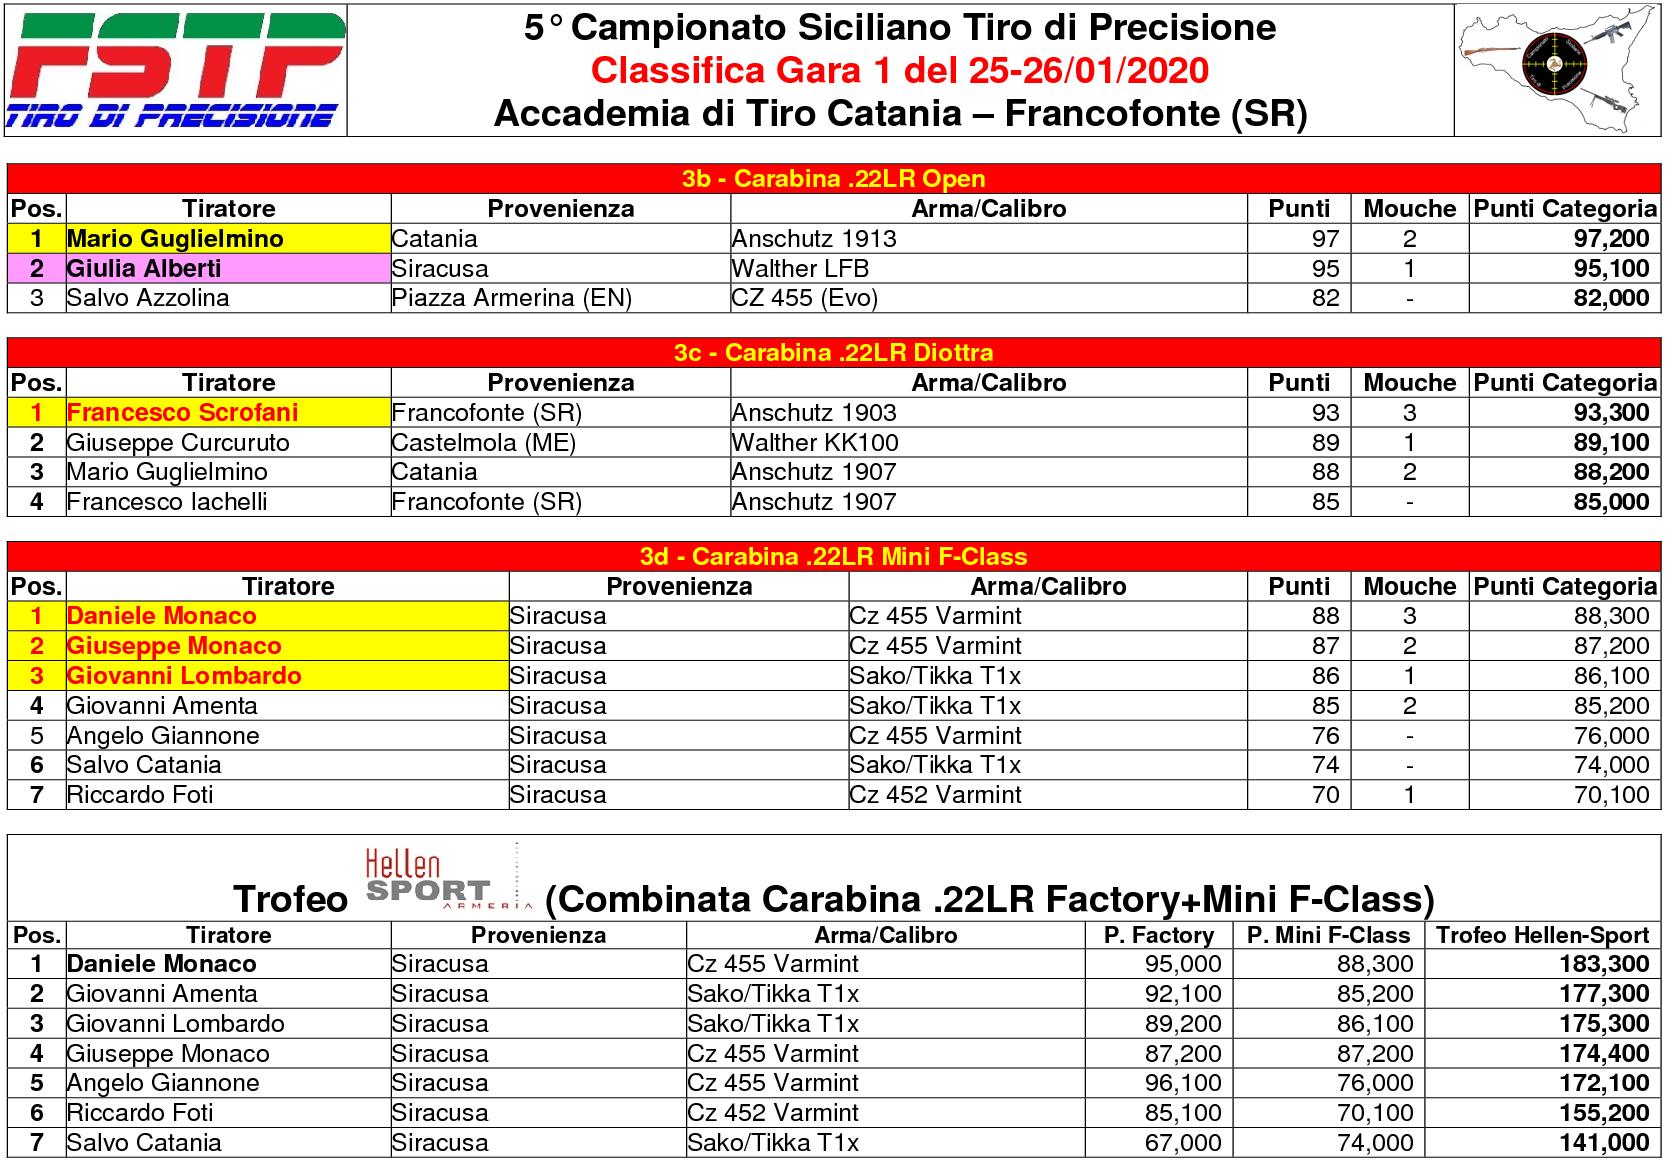 Classifica Gara 13